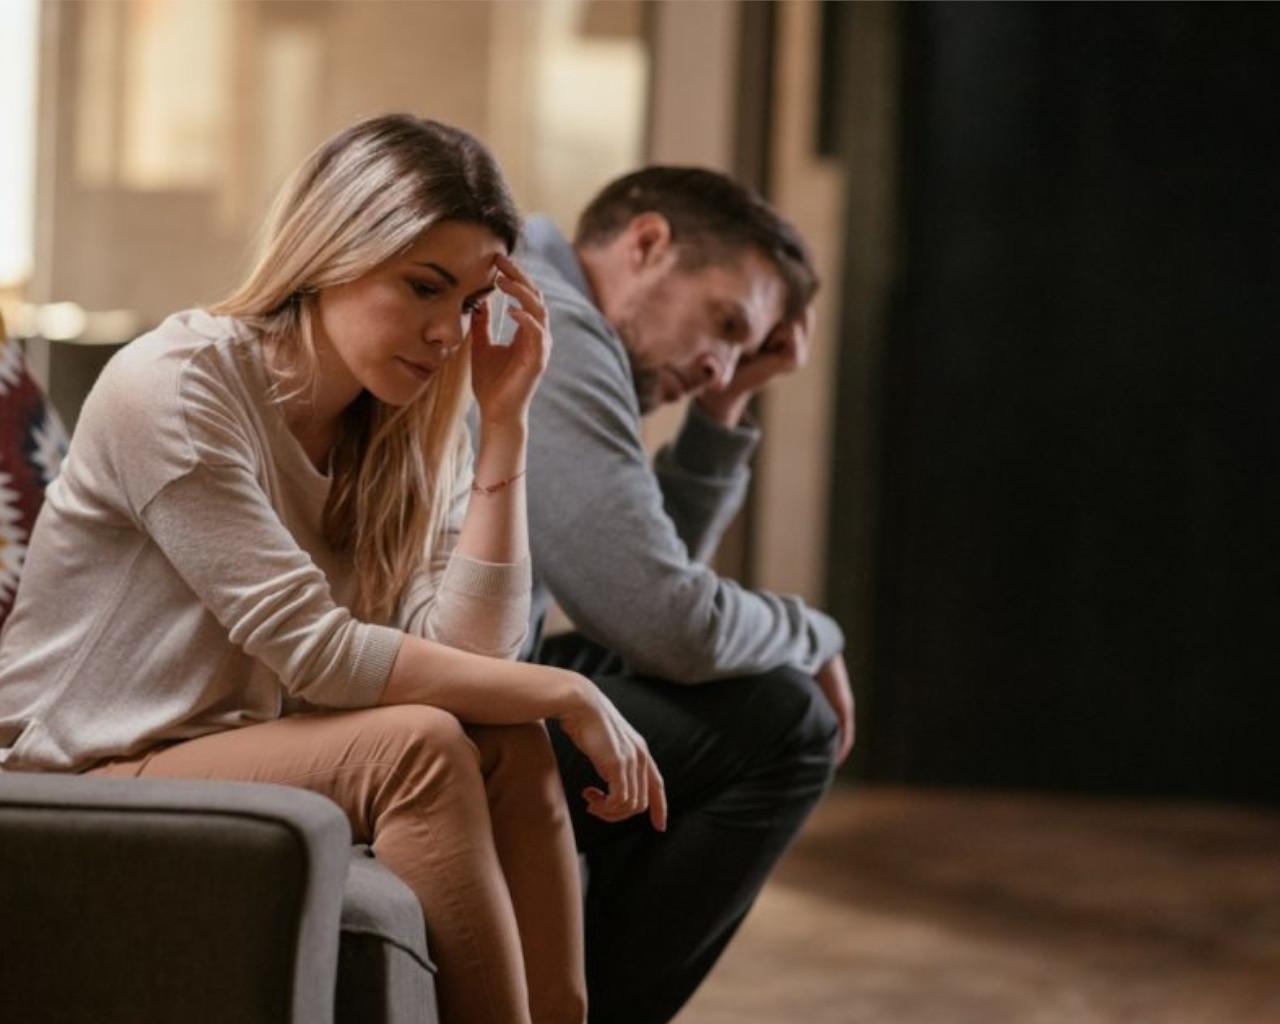 χωρισμος,διαζυγιο,διαζυγιο και παιδι,διαζυγιο τιμη,διαζυγιο ζωησ κωνσταντοπουλου,διαζυγιο με αντιδικια,διαζυγιο διατροφη φορουμ,διαζυγιο διατροφη ανεργοσ,διαζυγιο με αντιδικια κοστοσ,διαζυγιο διατροφη